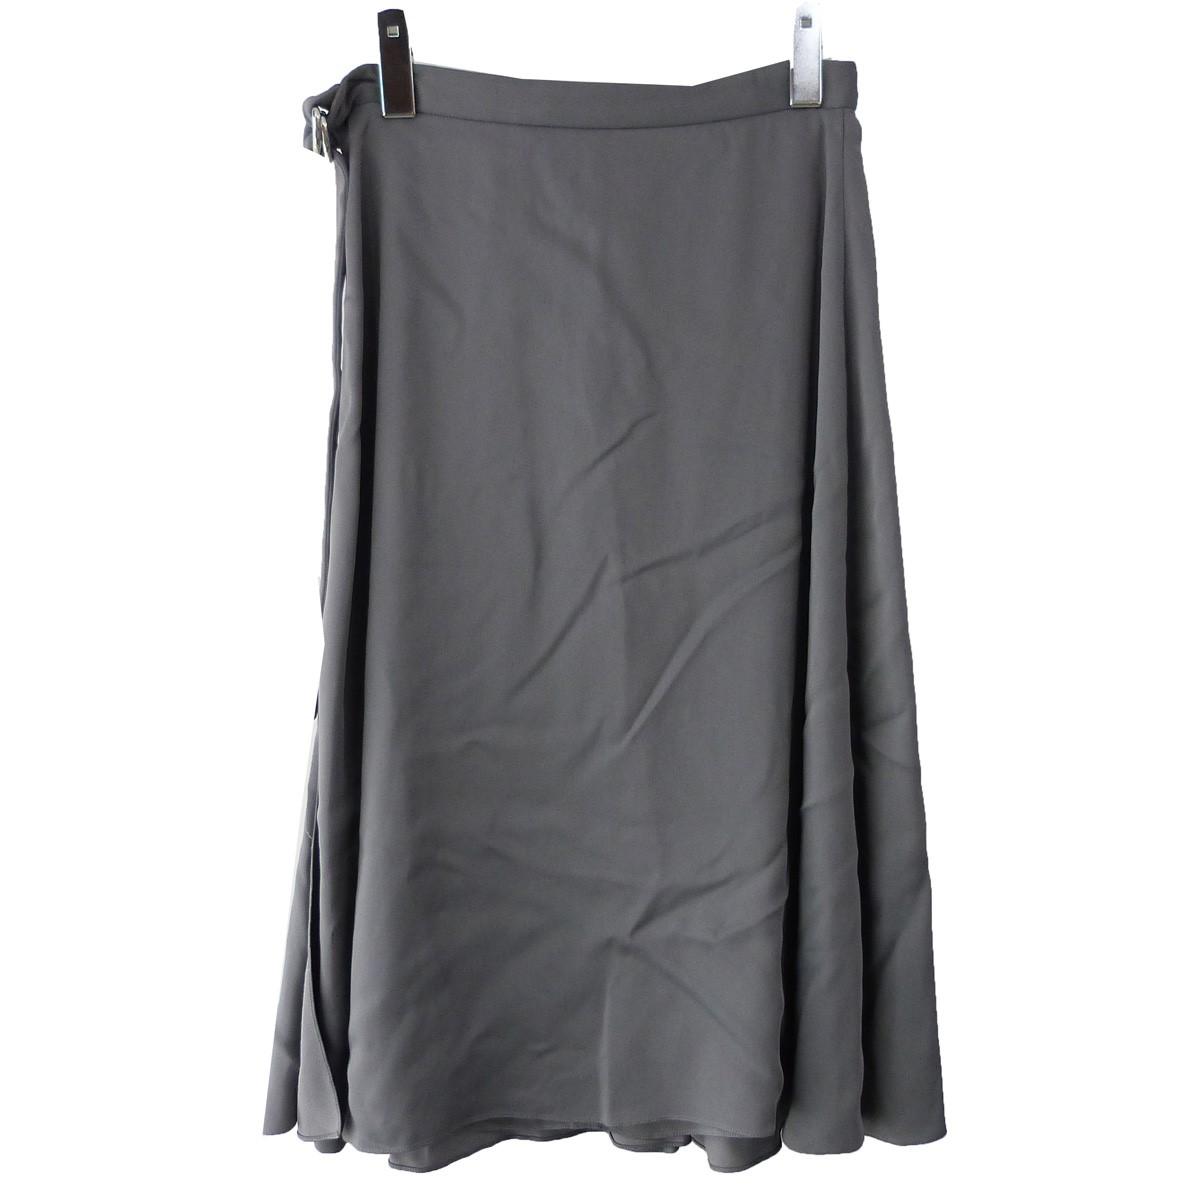 【中古】BALENCIAGA ベルト付スカート グレー サイズ:34 【210320】(バレンシアガ)